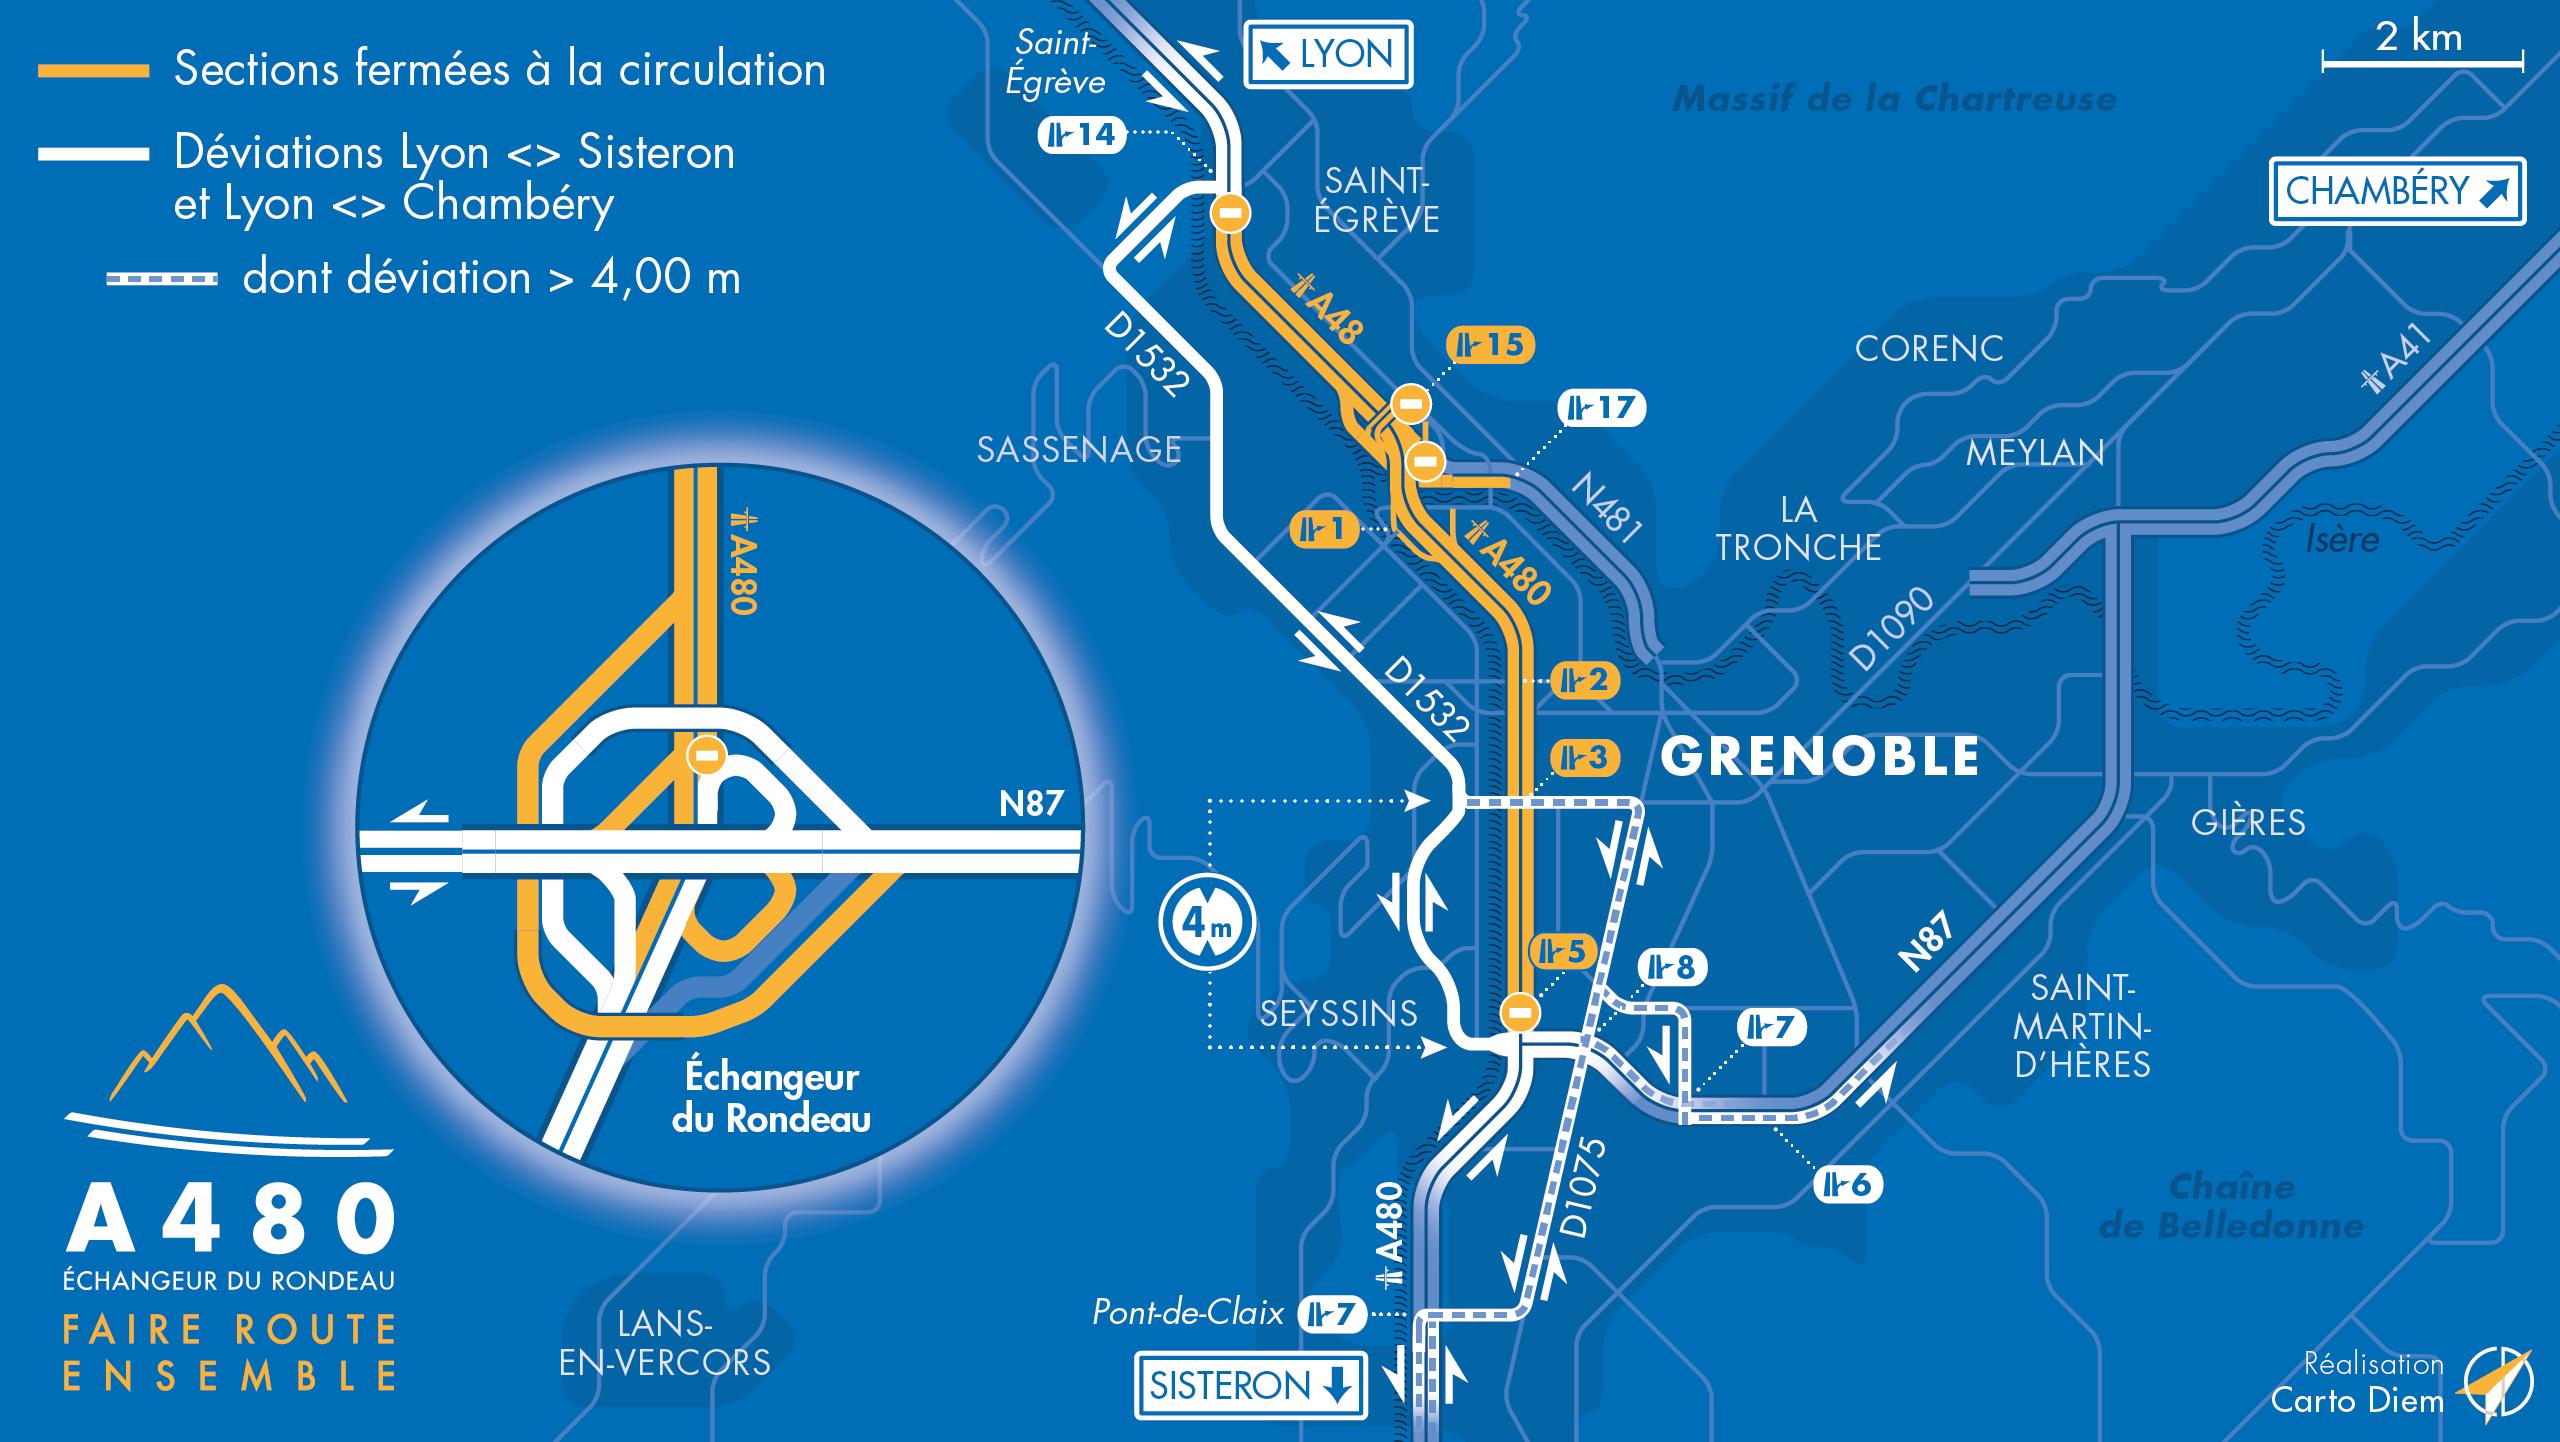 Carte de dévation suite à la fermeture de l'autoroute A480 entre le diffuseur de Saint-Egrève, le diffuseur de Seyssins, la biffurcation N481 et le diffuseur d'Oxford